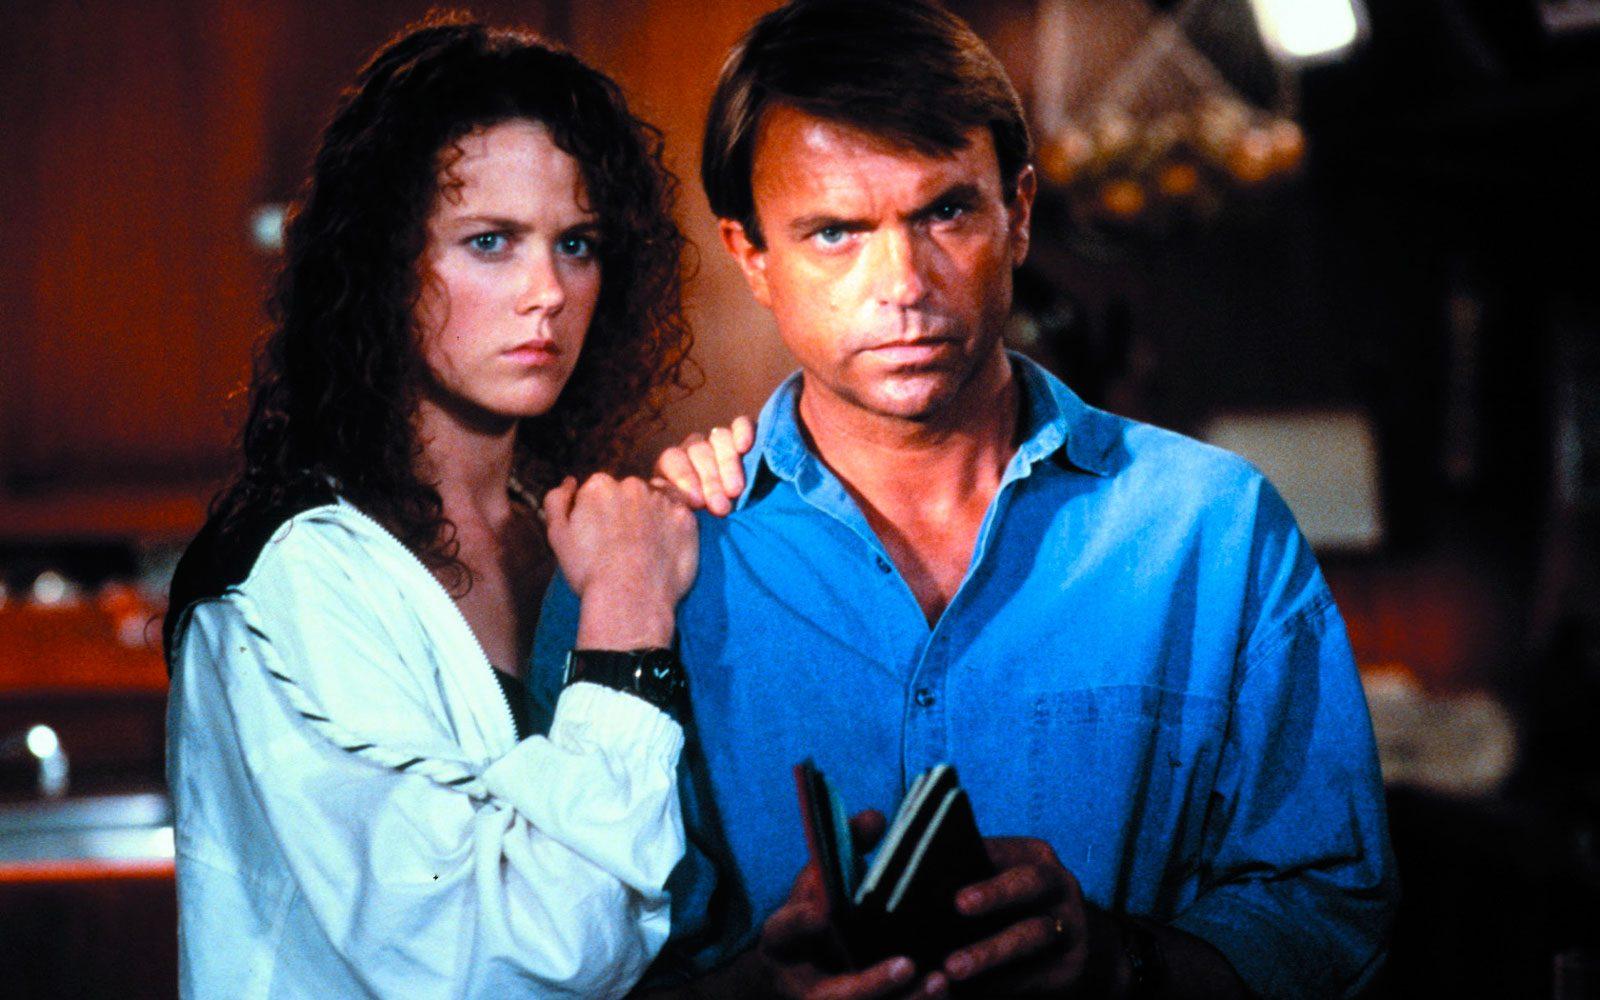 """""""Ore dieci calma piatta"""" (1989). Il suo viso spaventato, con i voluminosissimi riccioli rosso fuoco e quella bocca così particolare, svetta nella locandina e nelle scene di questo thriller. È ancora """"solo una bella"""", ma farà strada in fretta."""